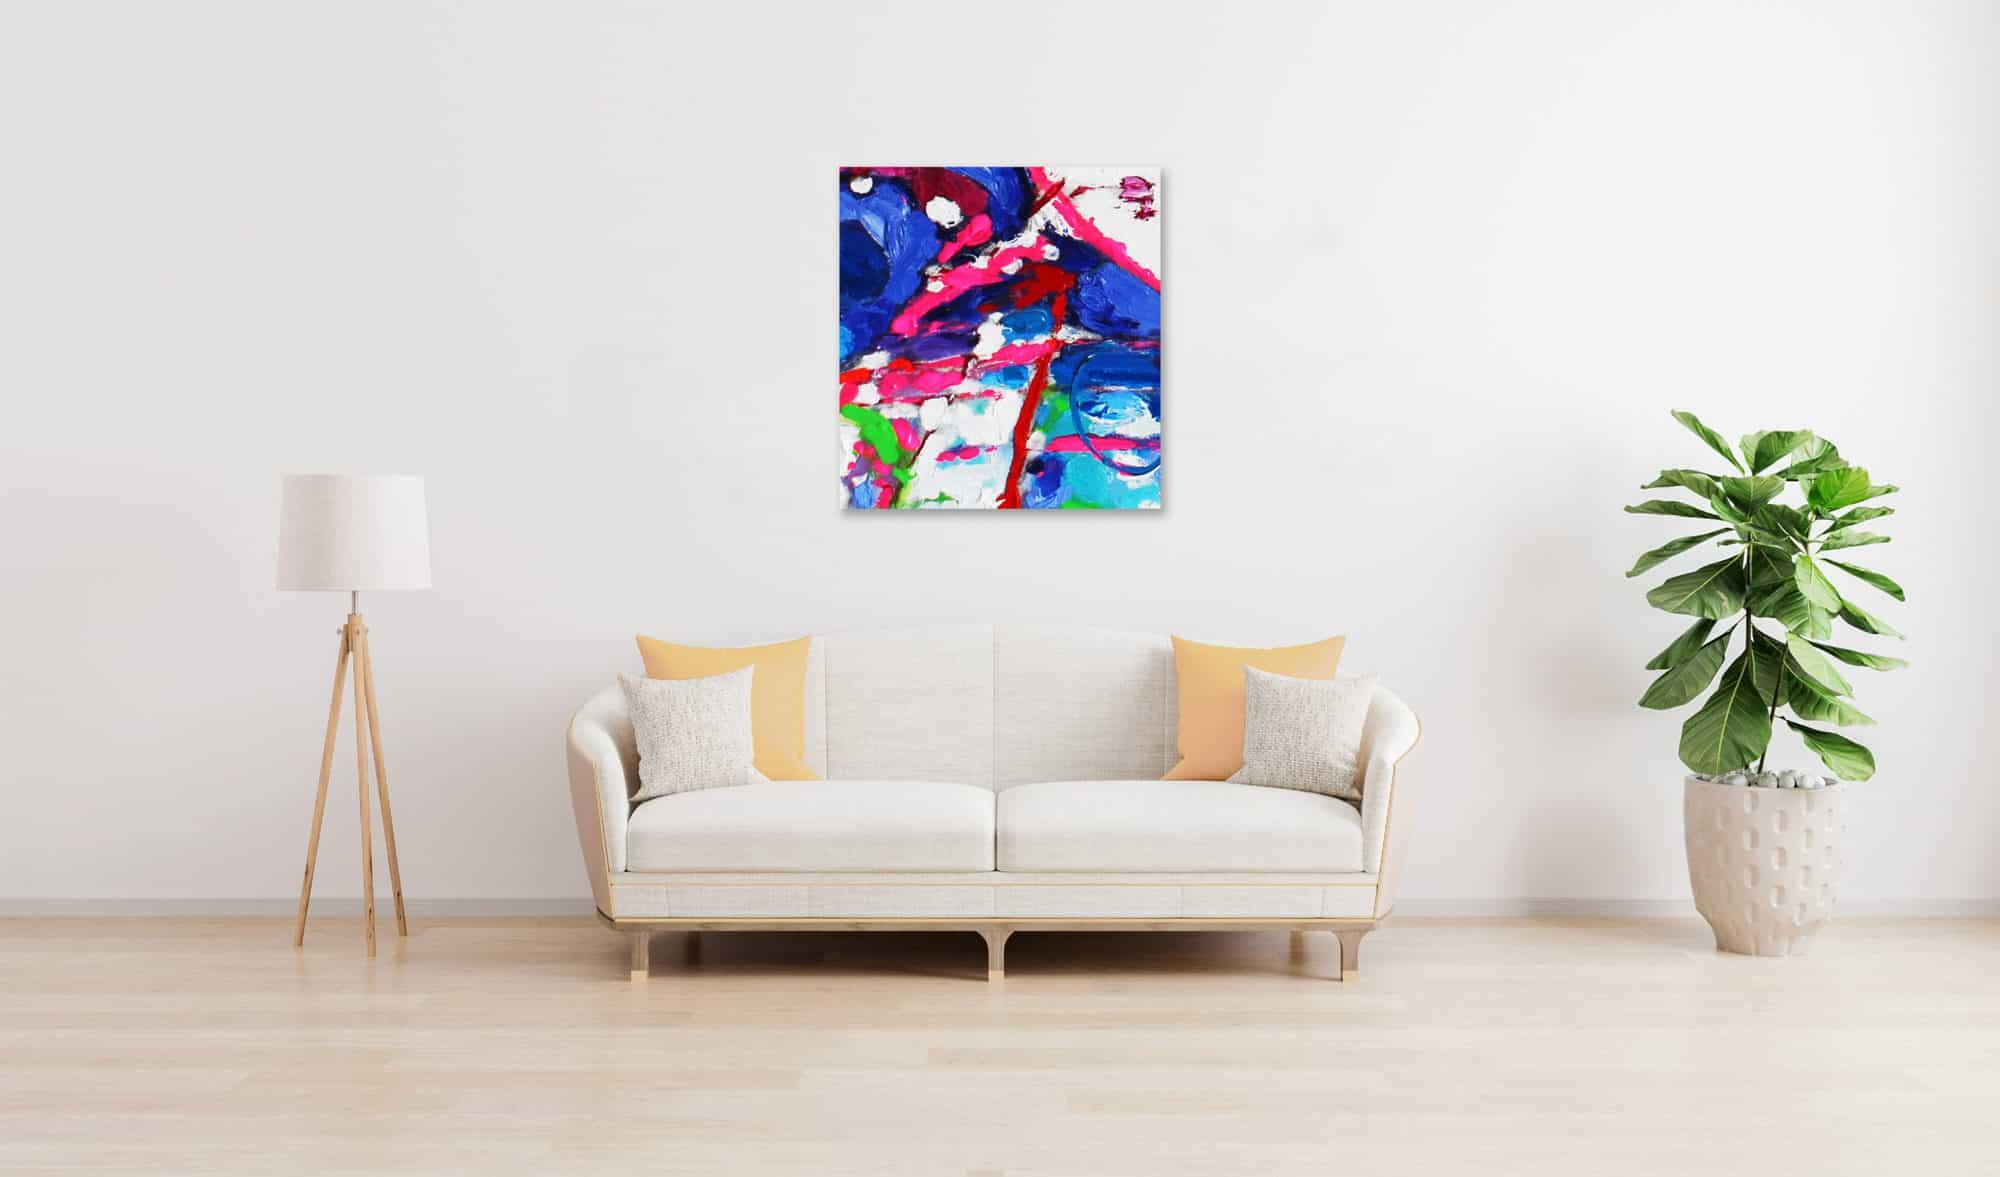 Acrylbild abstrakt expressiv Rosa Blau wandbild